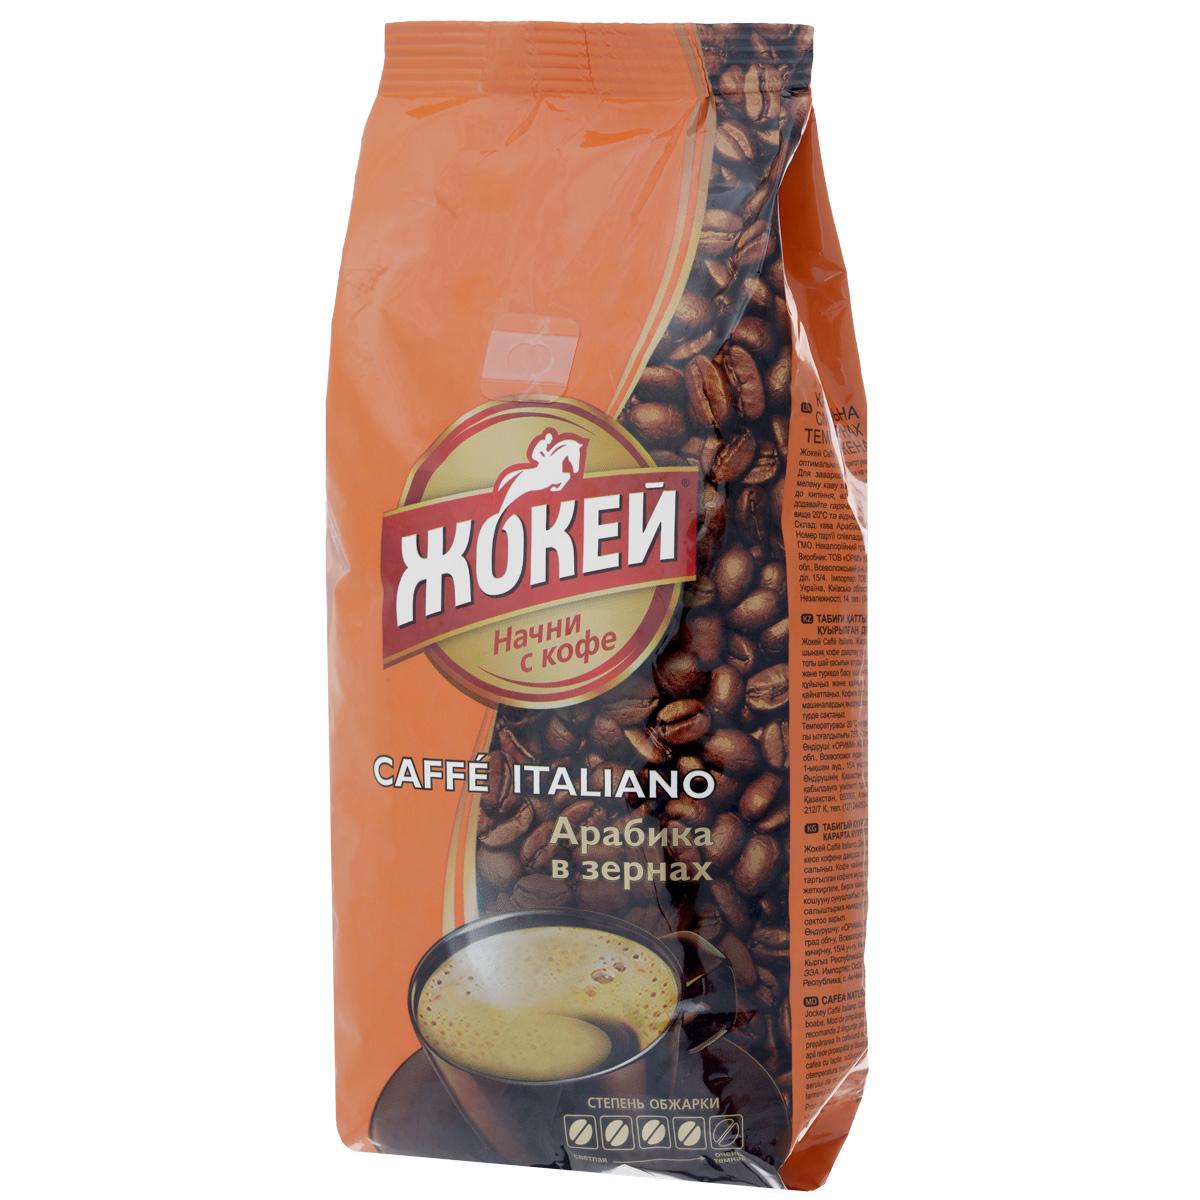 Жокей Кафе Итальяно кофе в зернах, 500 г0502-12Жокей Кафе Итальяно – это особый вкус итальянской традиции. Центрально-американский кофе темной обжарки придает вкусу терпкость, а эфиопский кофе – сладость.